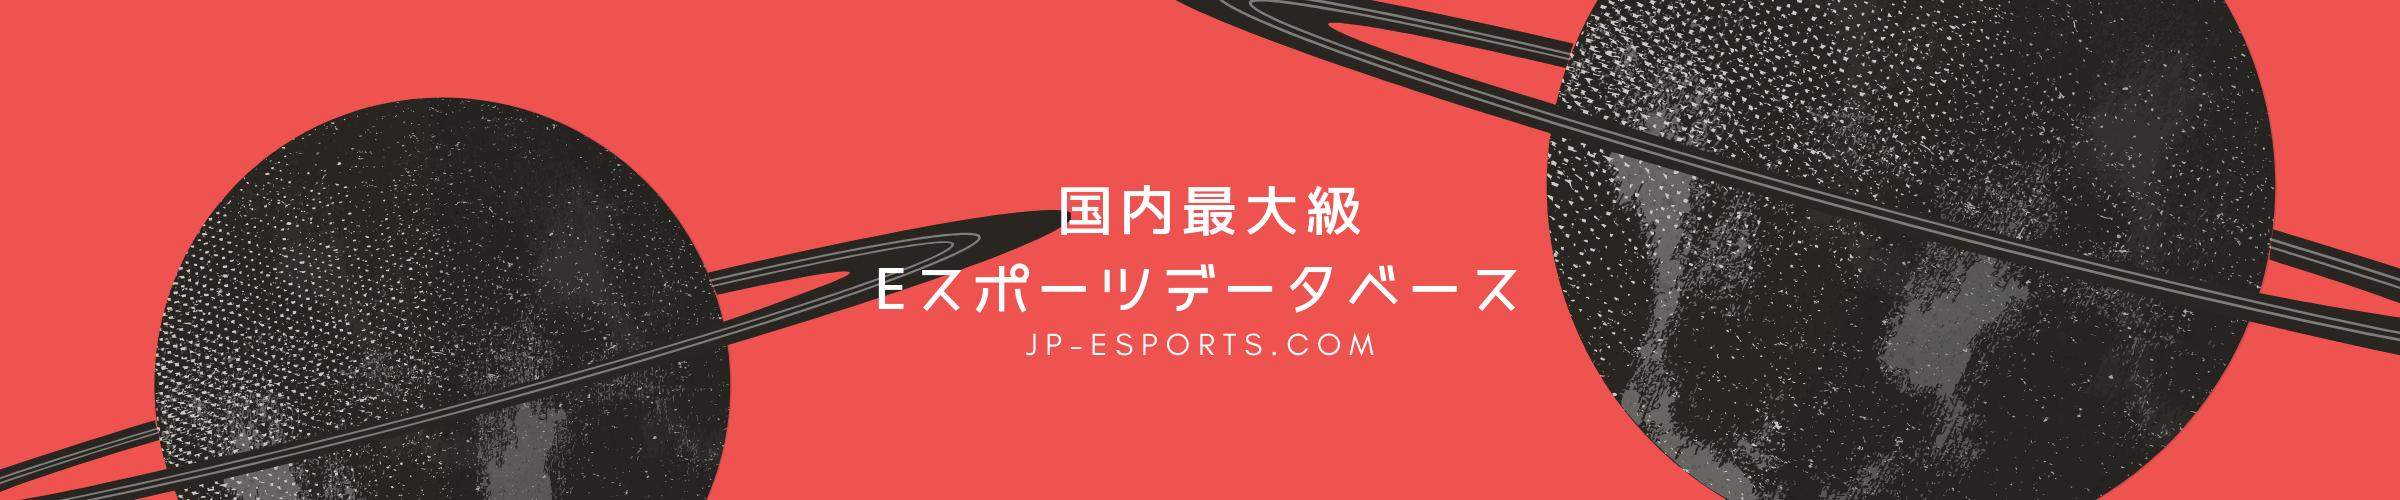 国内最大級eスポーツデータベース